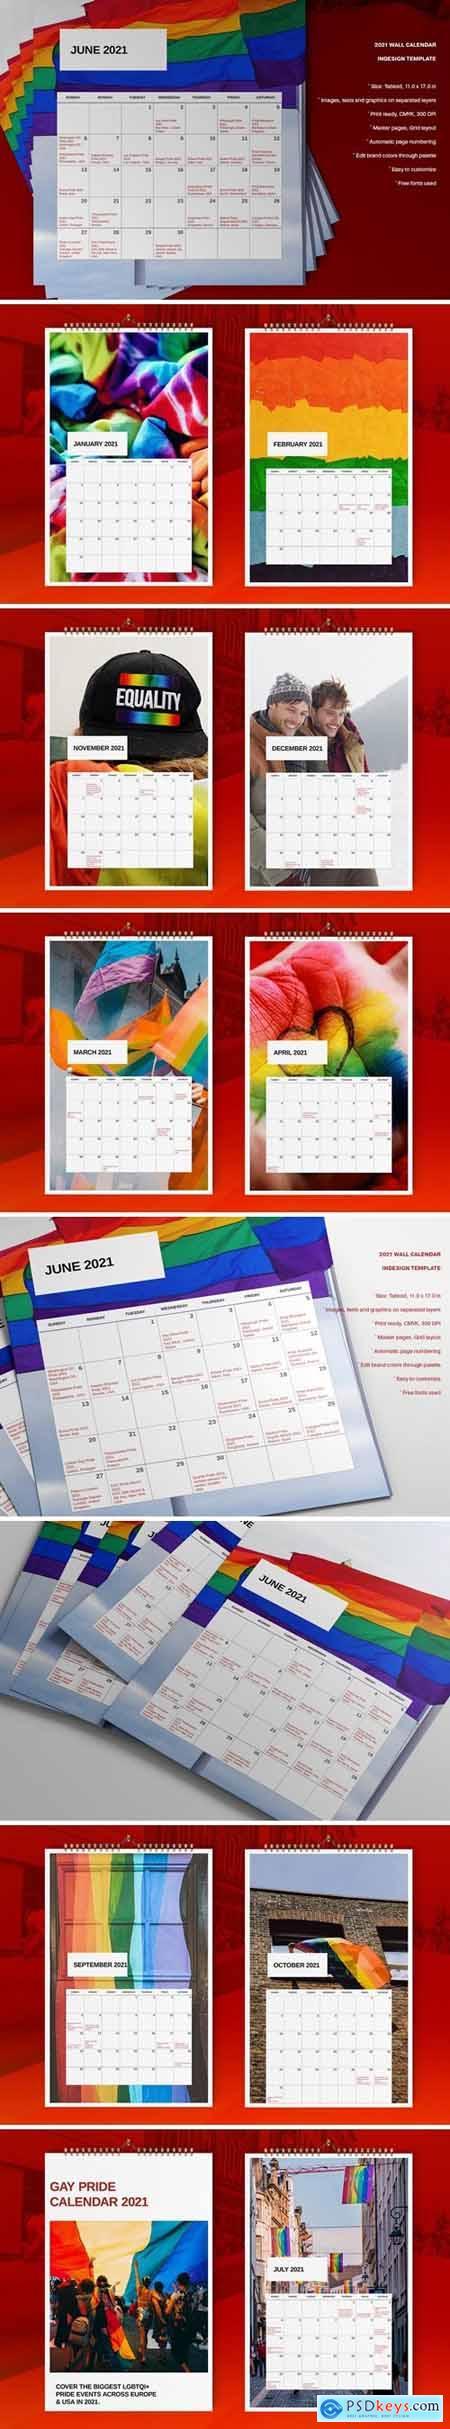 Wall Calendar 2021 Template757